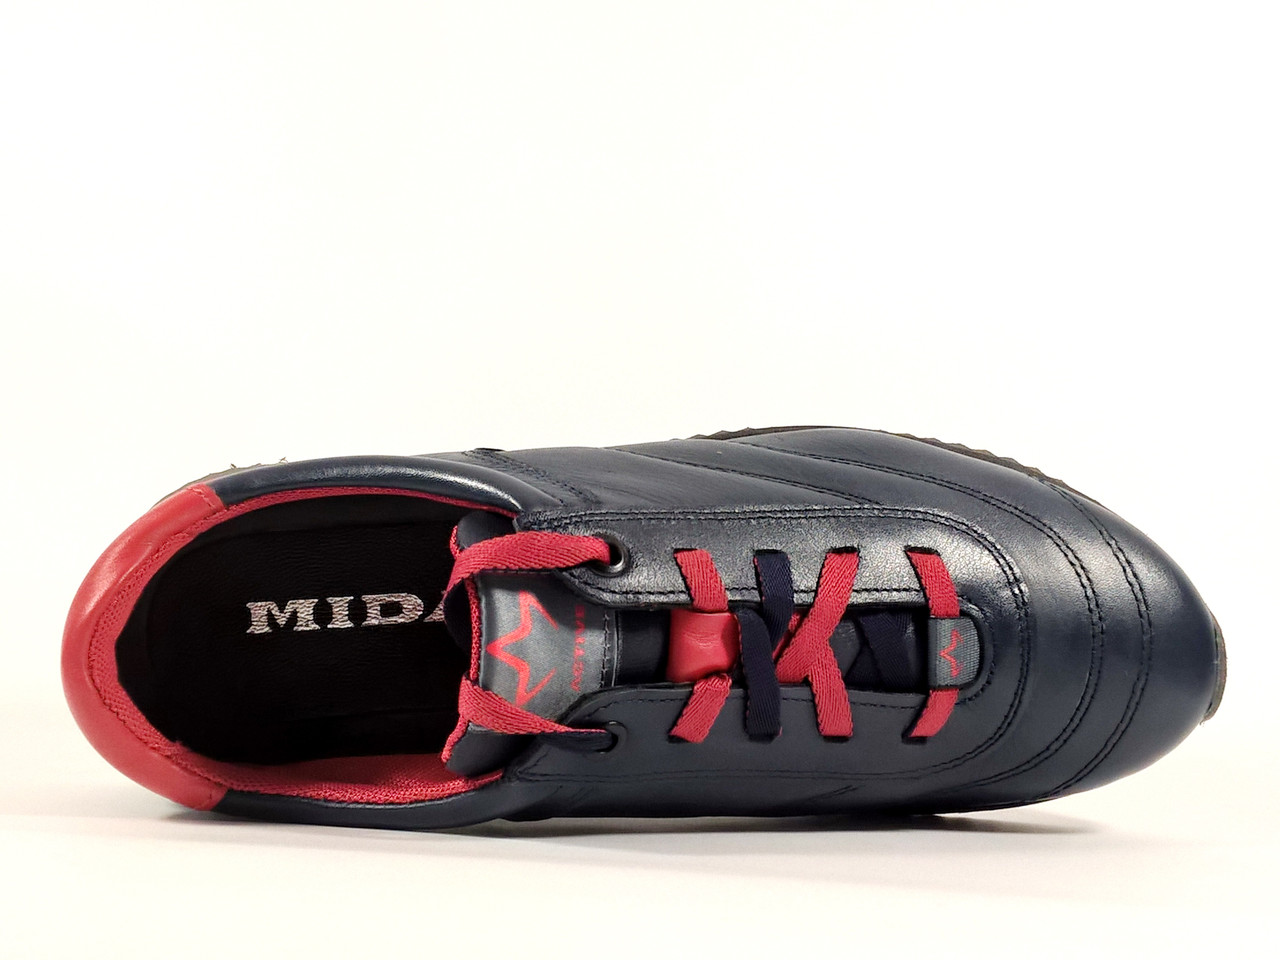 1485e9d0 Детские кроссовки Мида 31261 синие, натуральная кожа, цена 1 425 грн.,  купить в Одессе — Prom.ua (ID#740898820)